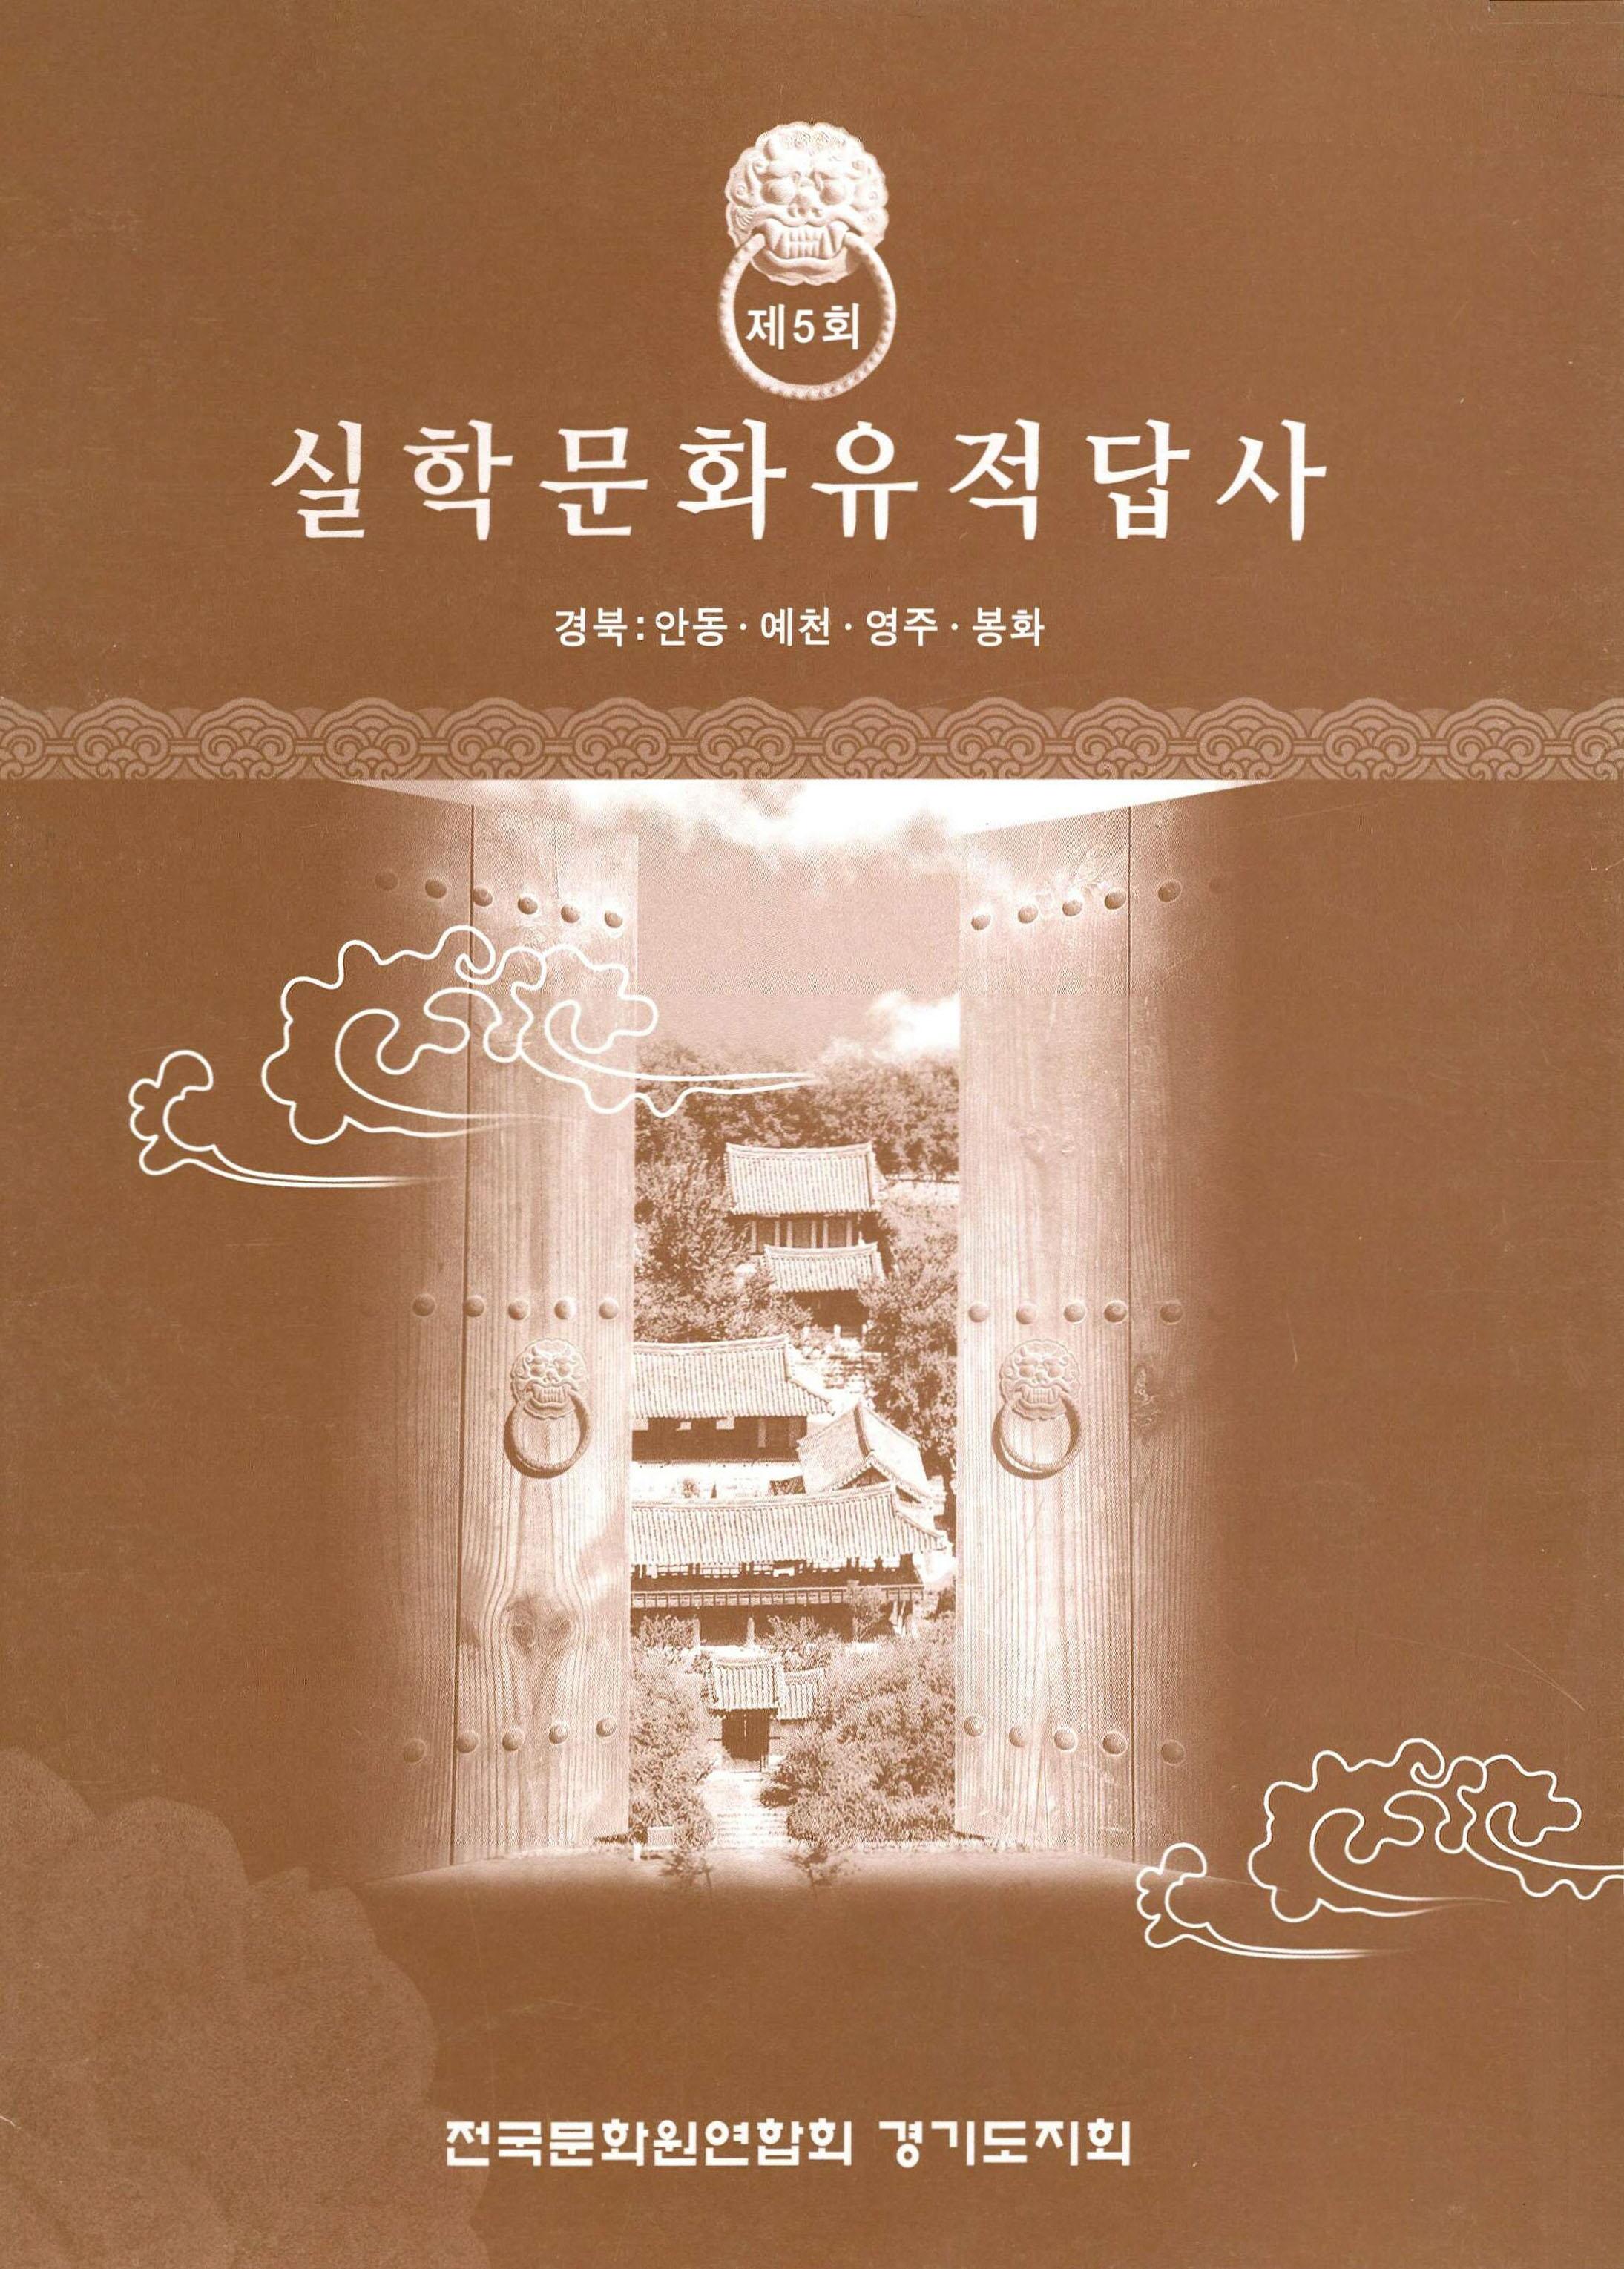 실학문화유적답사 경북 안동 예천 영주 봉화